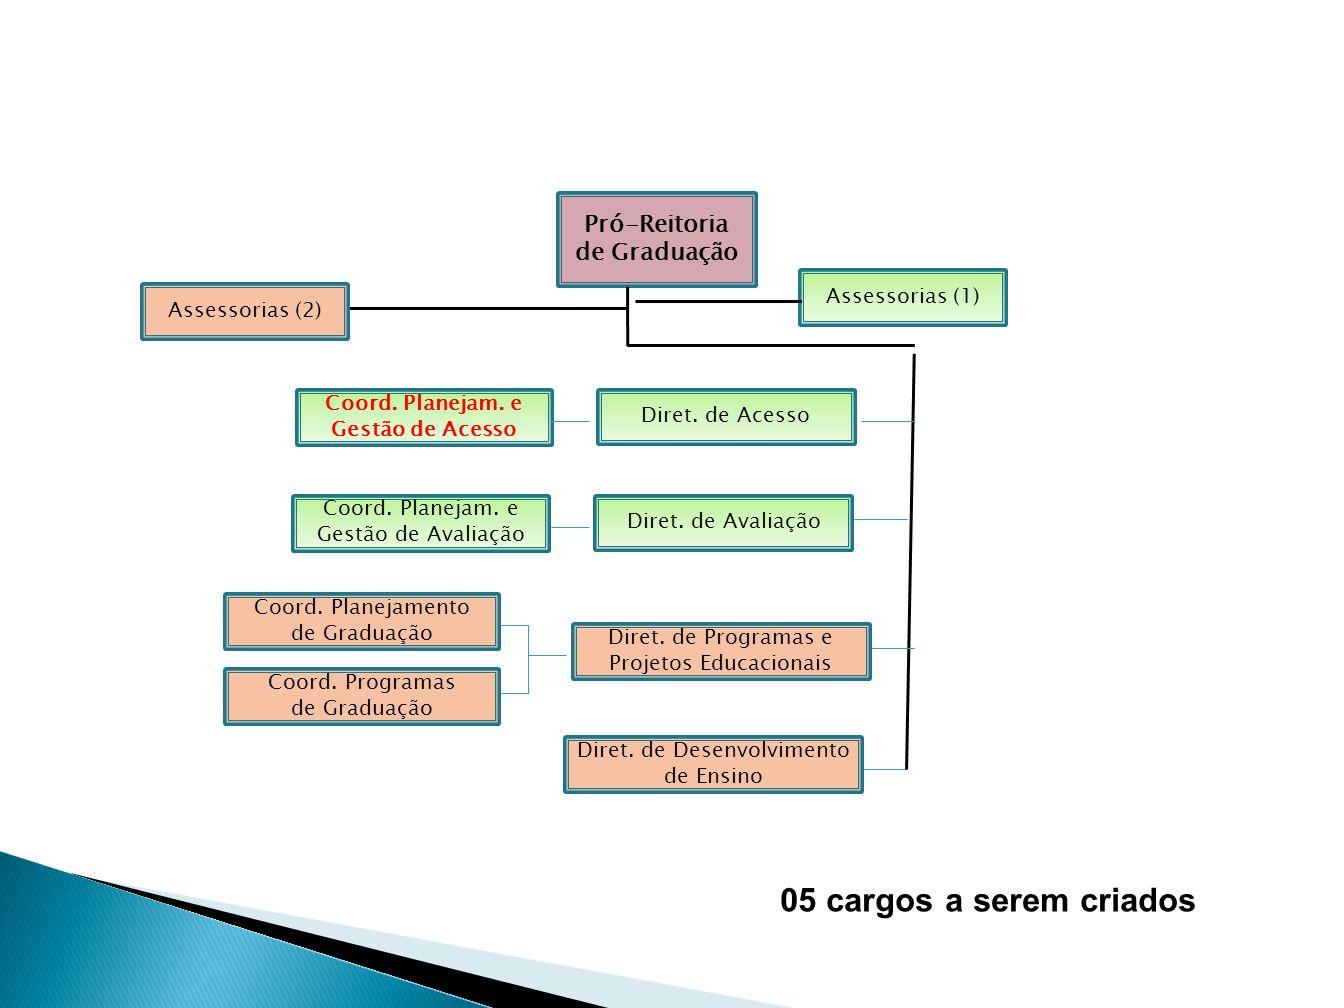 Pró-Reitoria de Graduação Coord. Planejamento de Graduação Coord. Programas de Graduação Diret. de Programas e Projetos Educacionais Assessorias (2) D